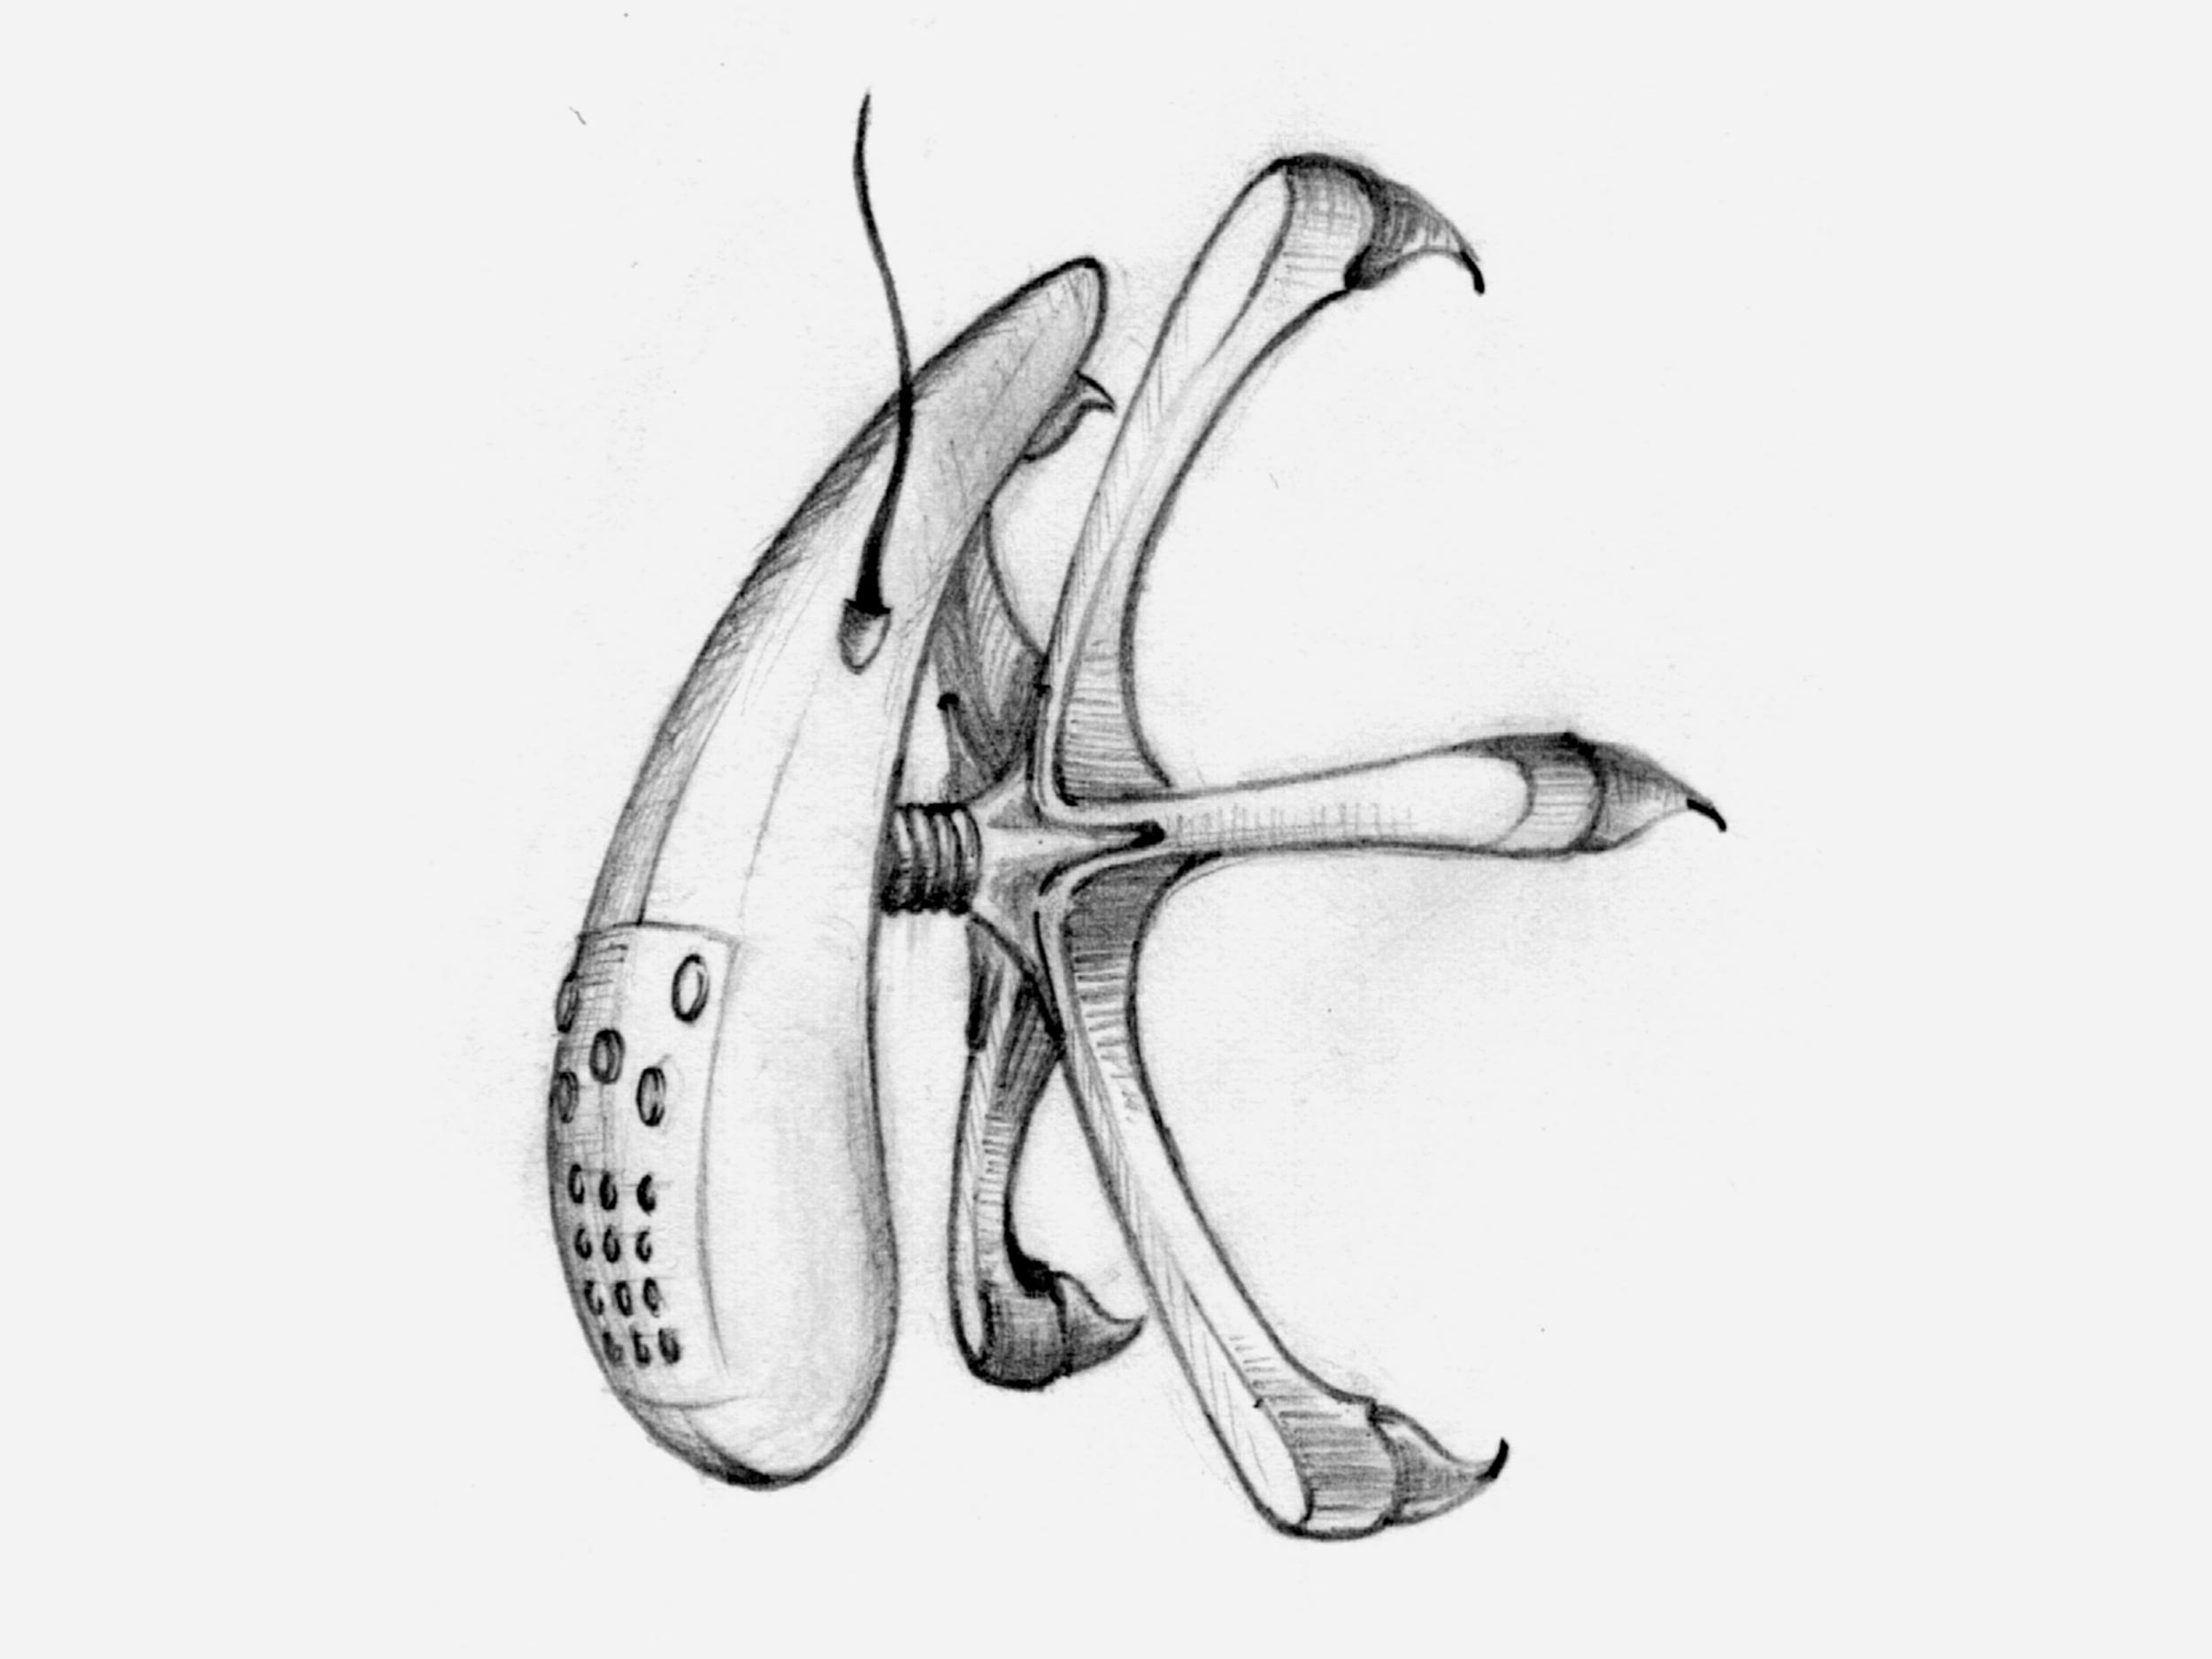 C_obj03_Sketch1